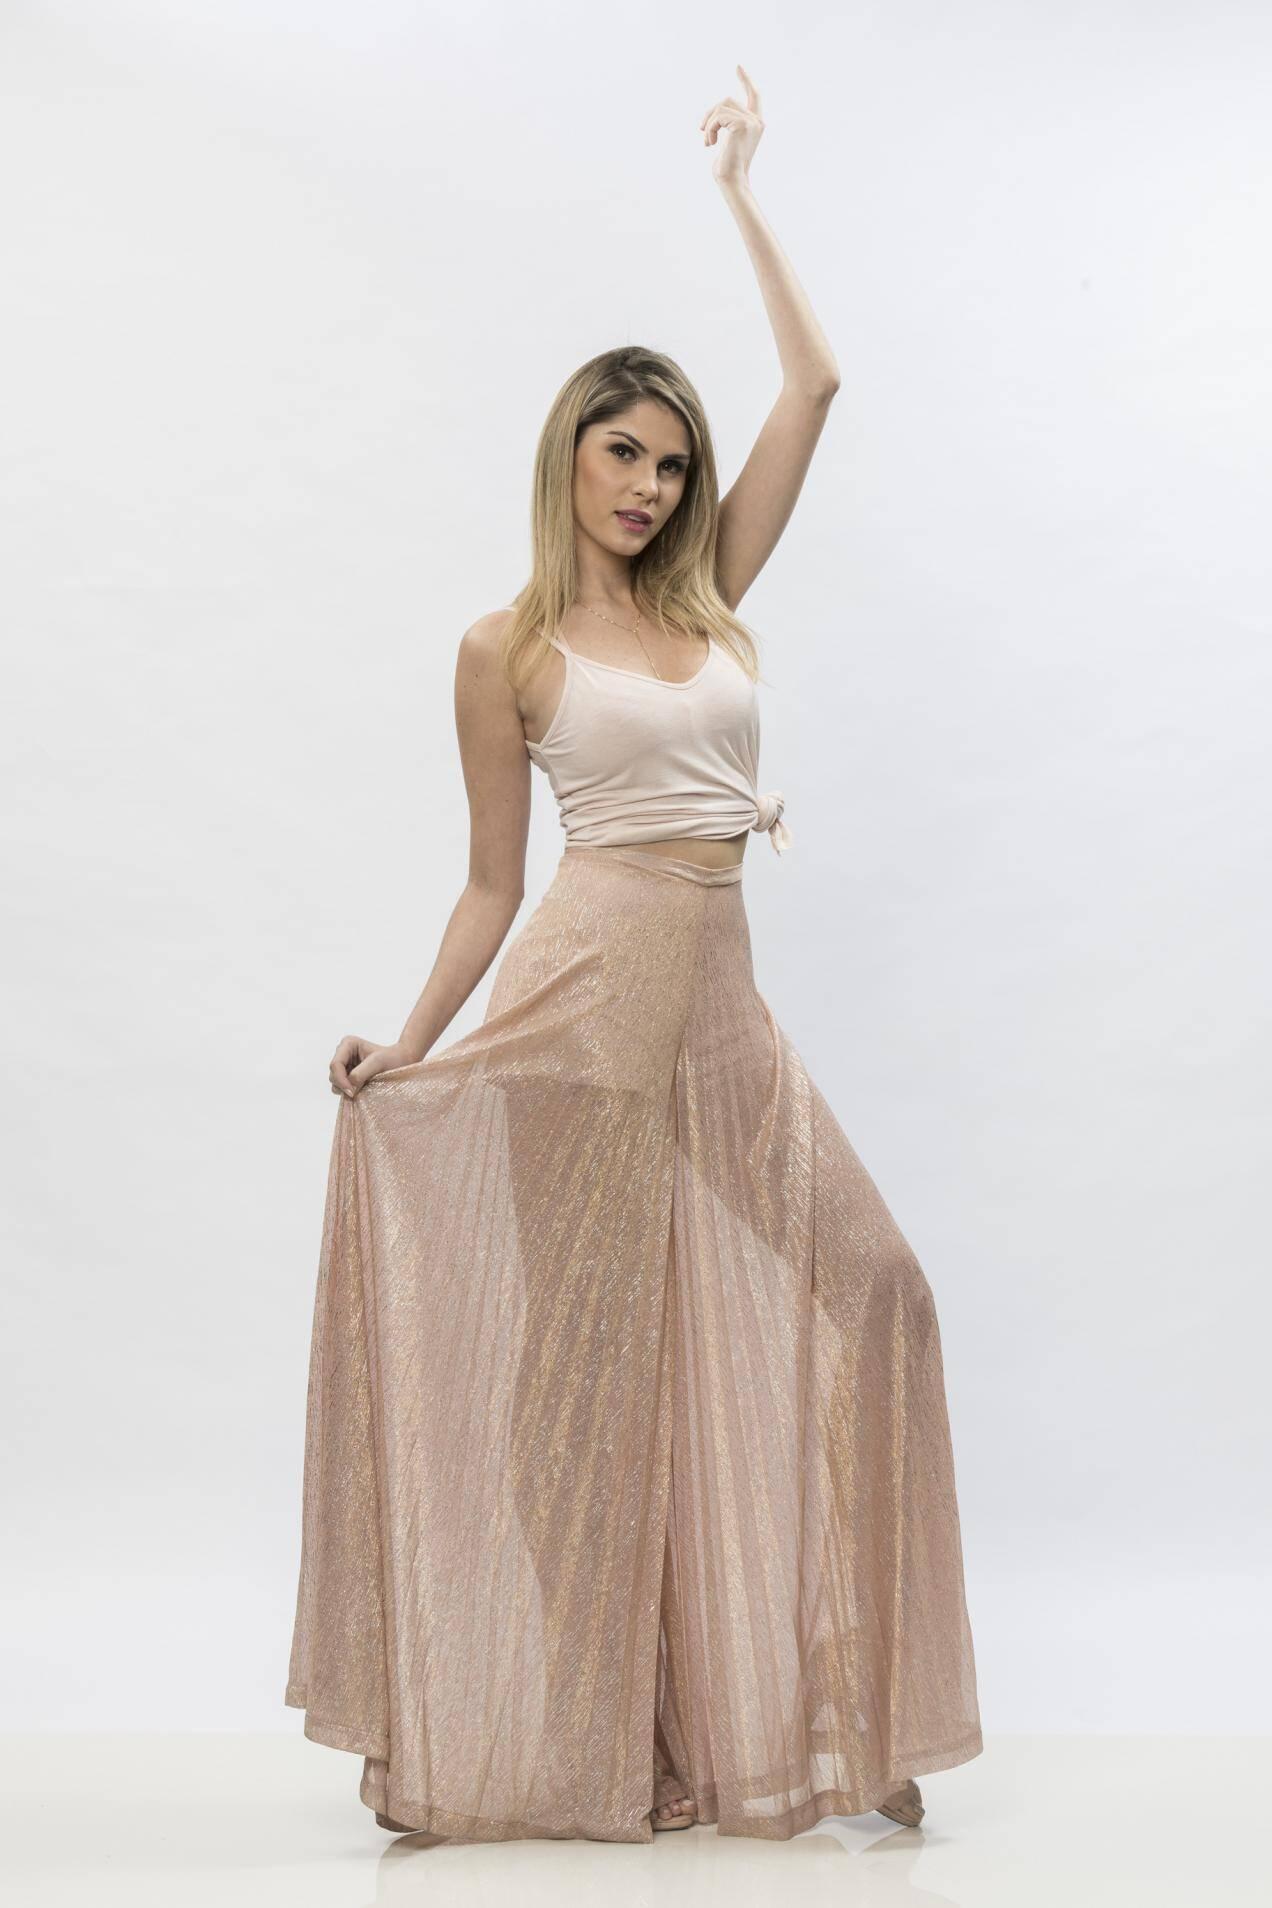 Bárbara Evans, modelo e atriz, 26 anos. Foto: Divulgação